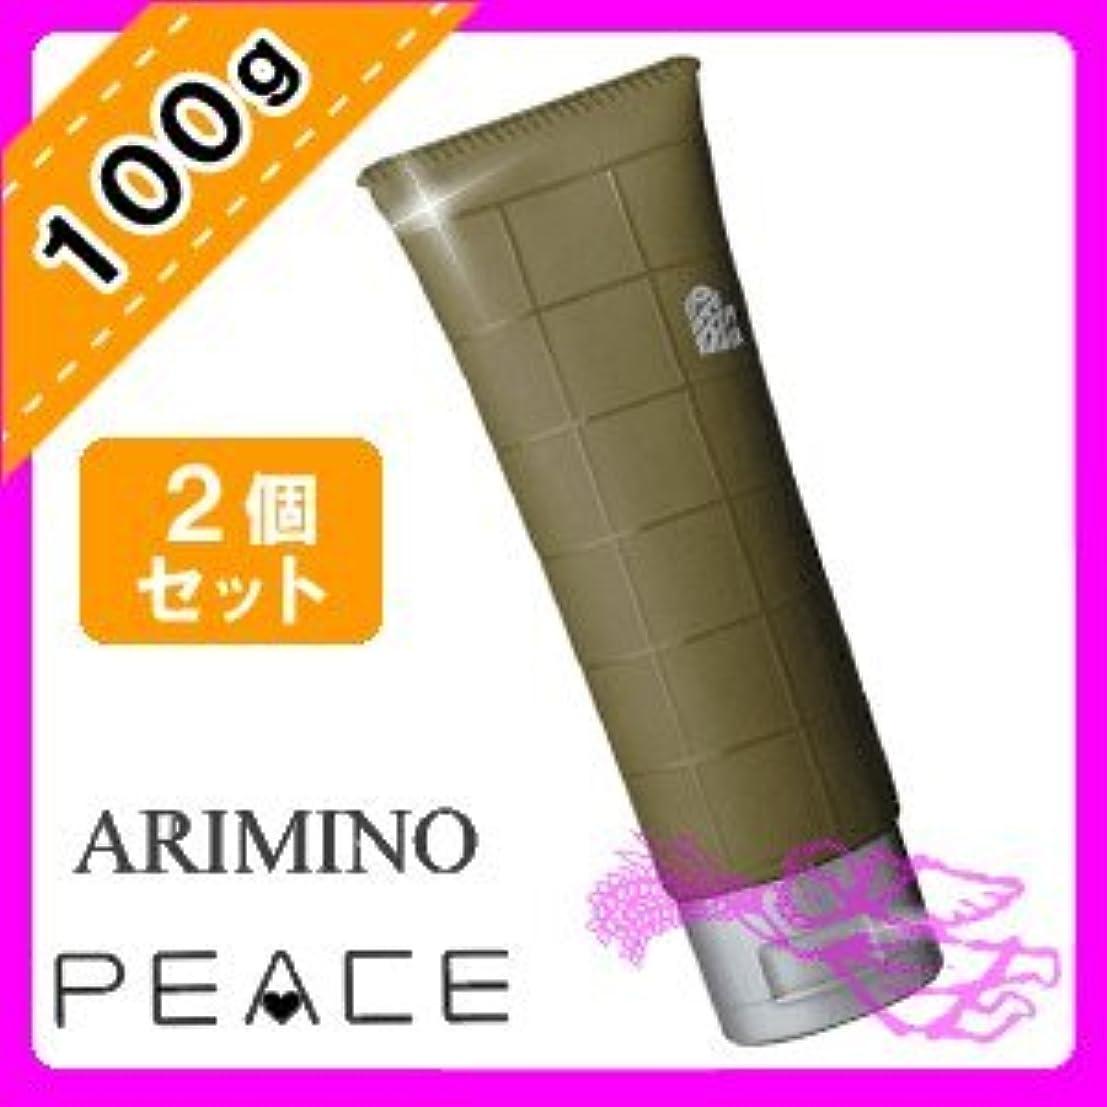 決定する不器用担保アリミノ ピース ウェットオイル ワックス 100g ×2個セット arimino PEACE